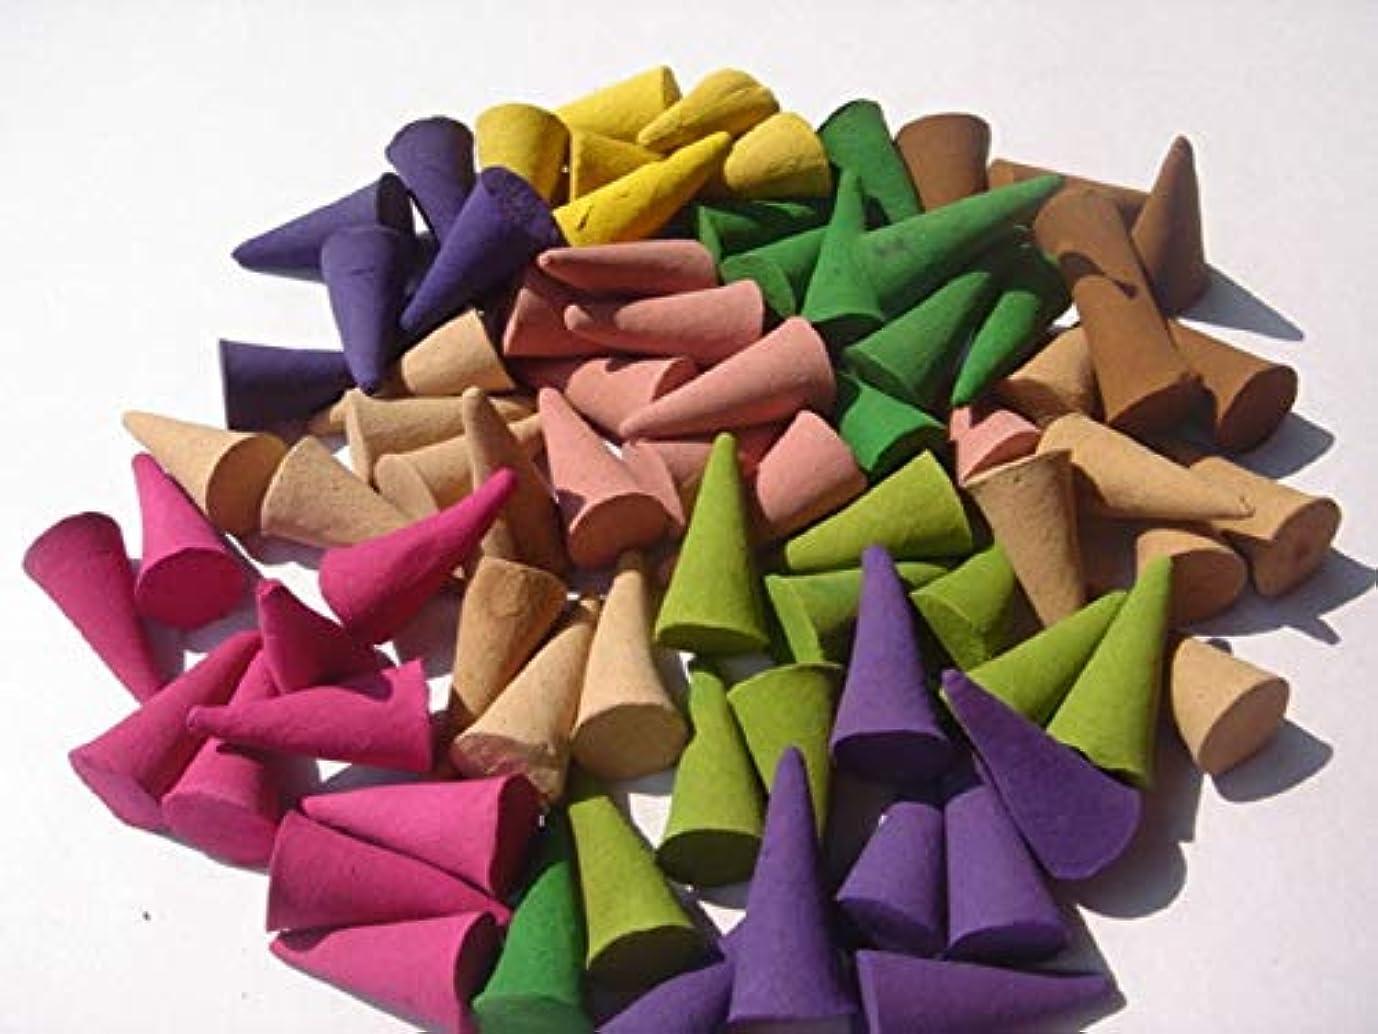 静める解釈するフリースFragrant incense cone shaped